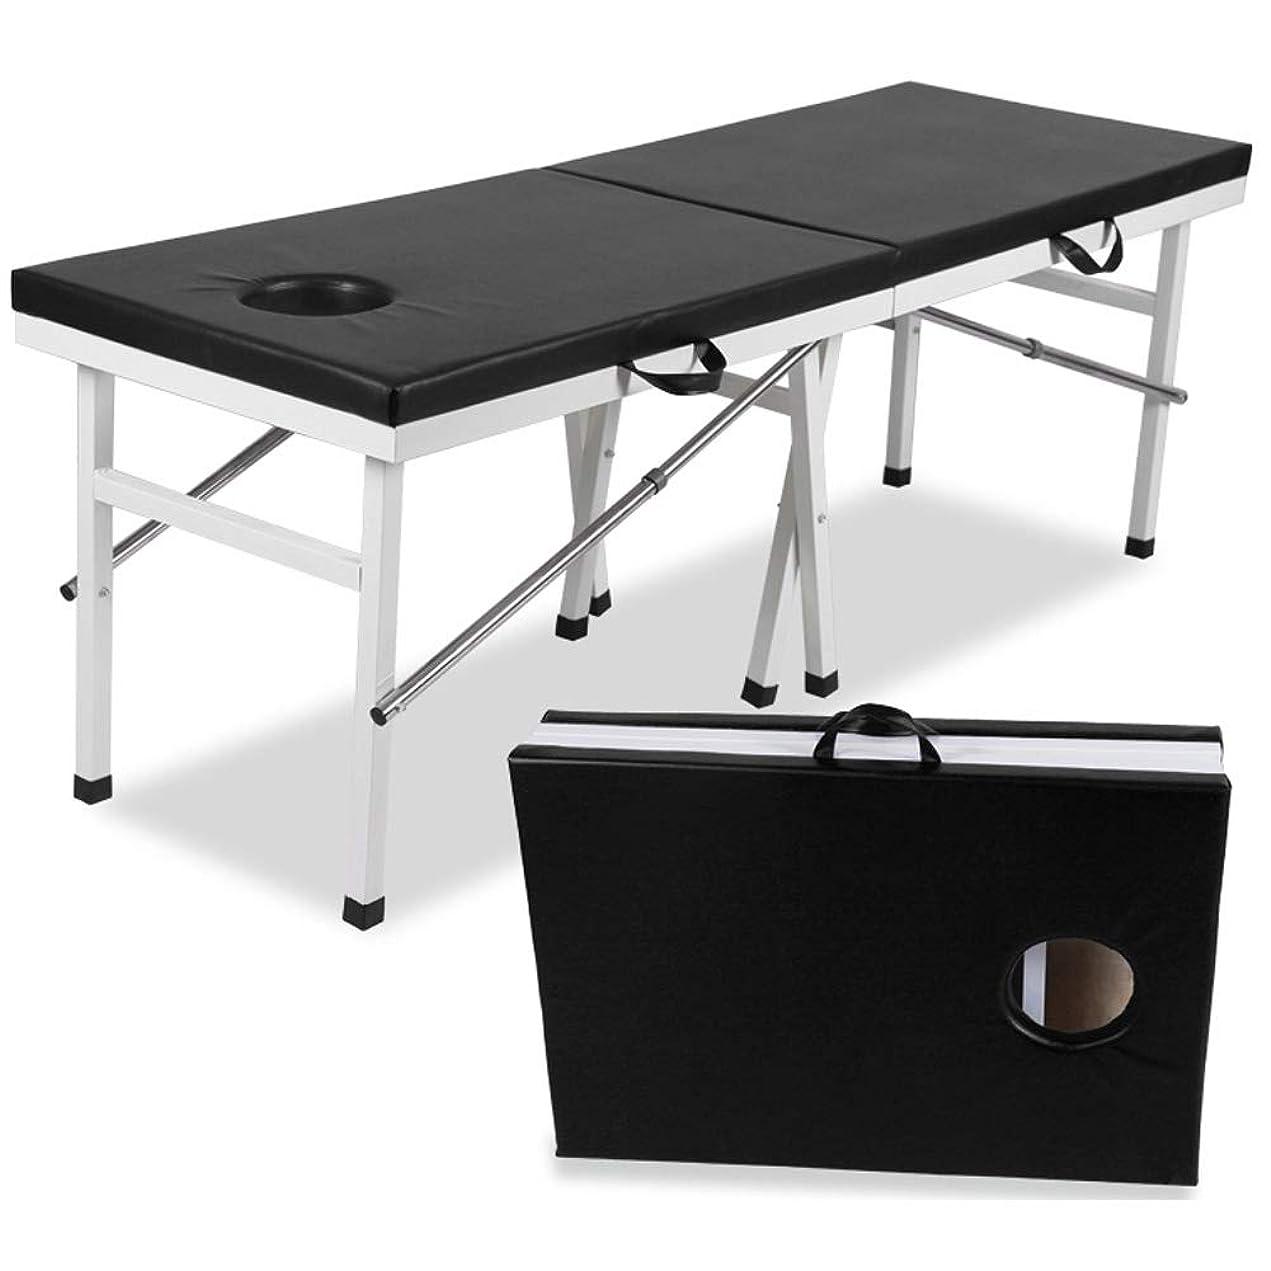 独裁タッチ繁雑高級マッサージソファ、美容ベッドテーブル、プロの防水調節可能折りたたみ式ポータブルデザイン、マルチカラーオプション